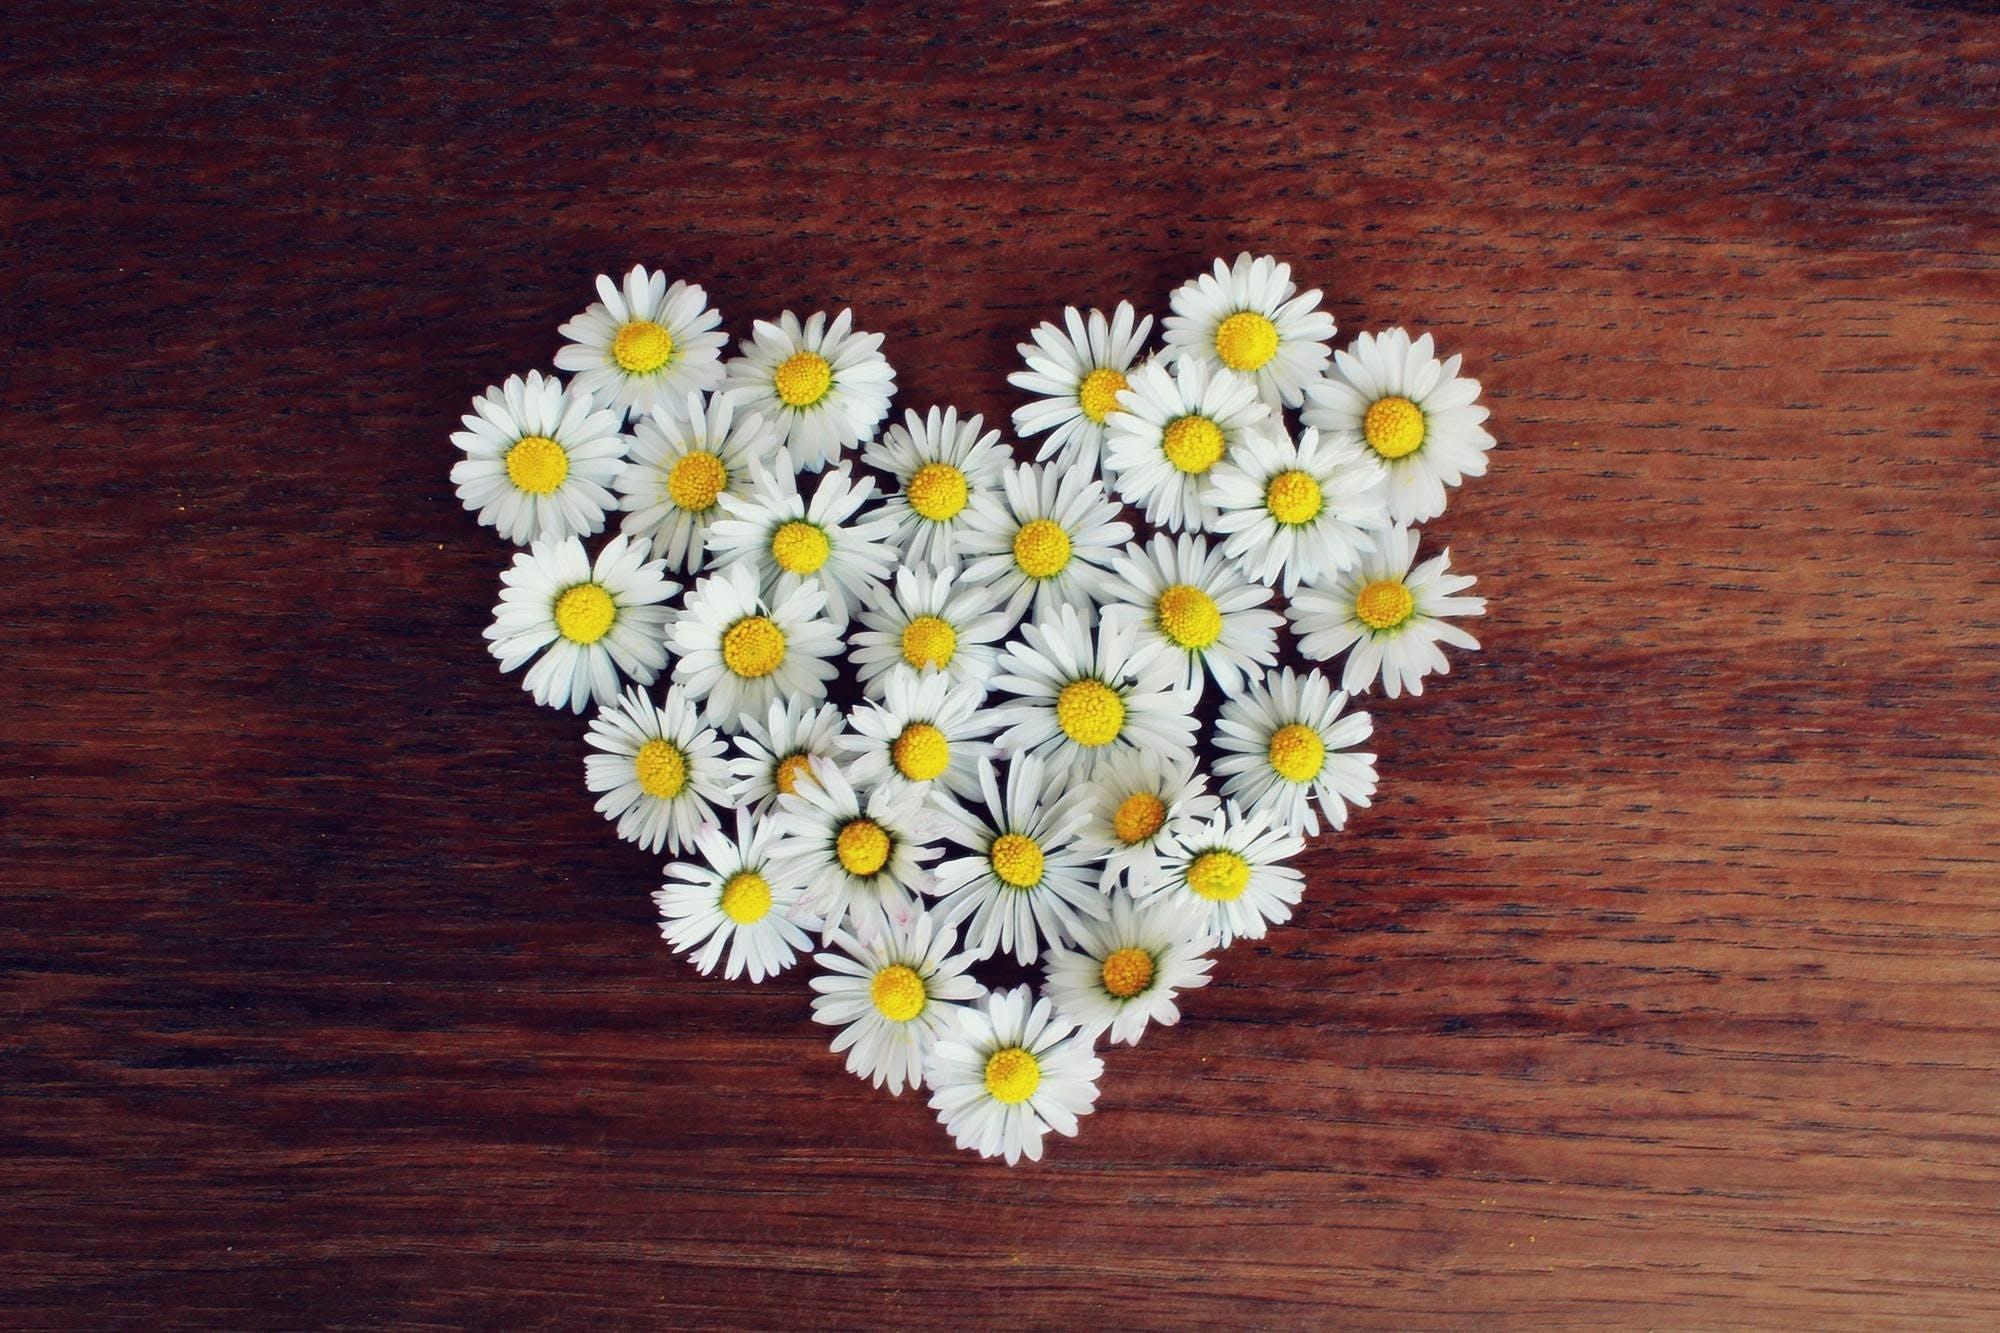 Daisy Flowers on Table